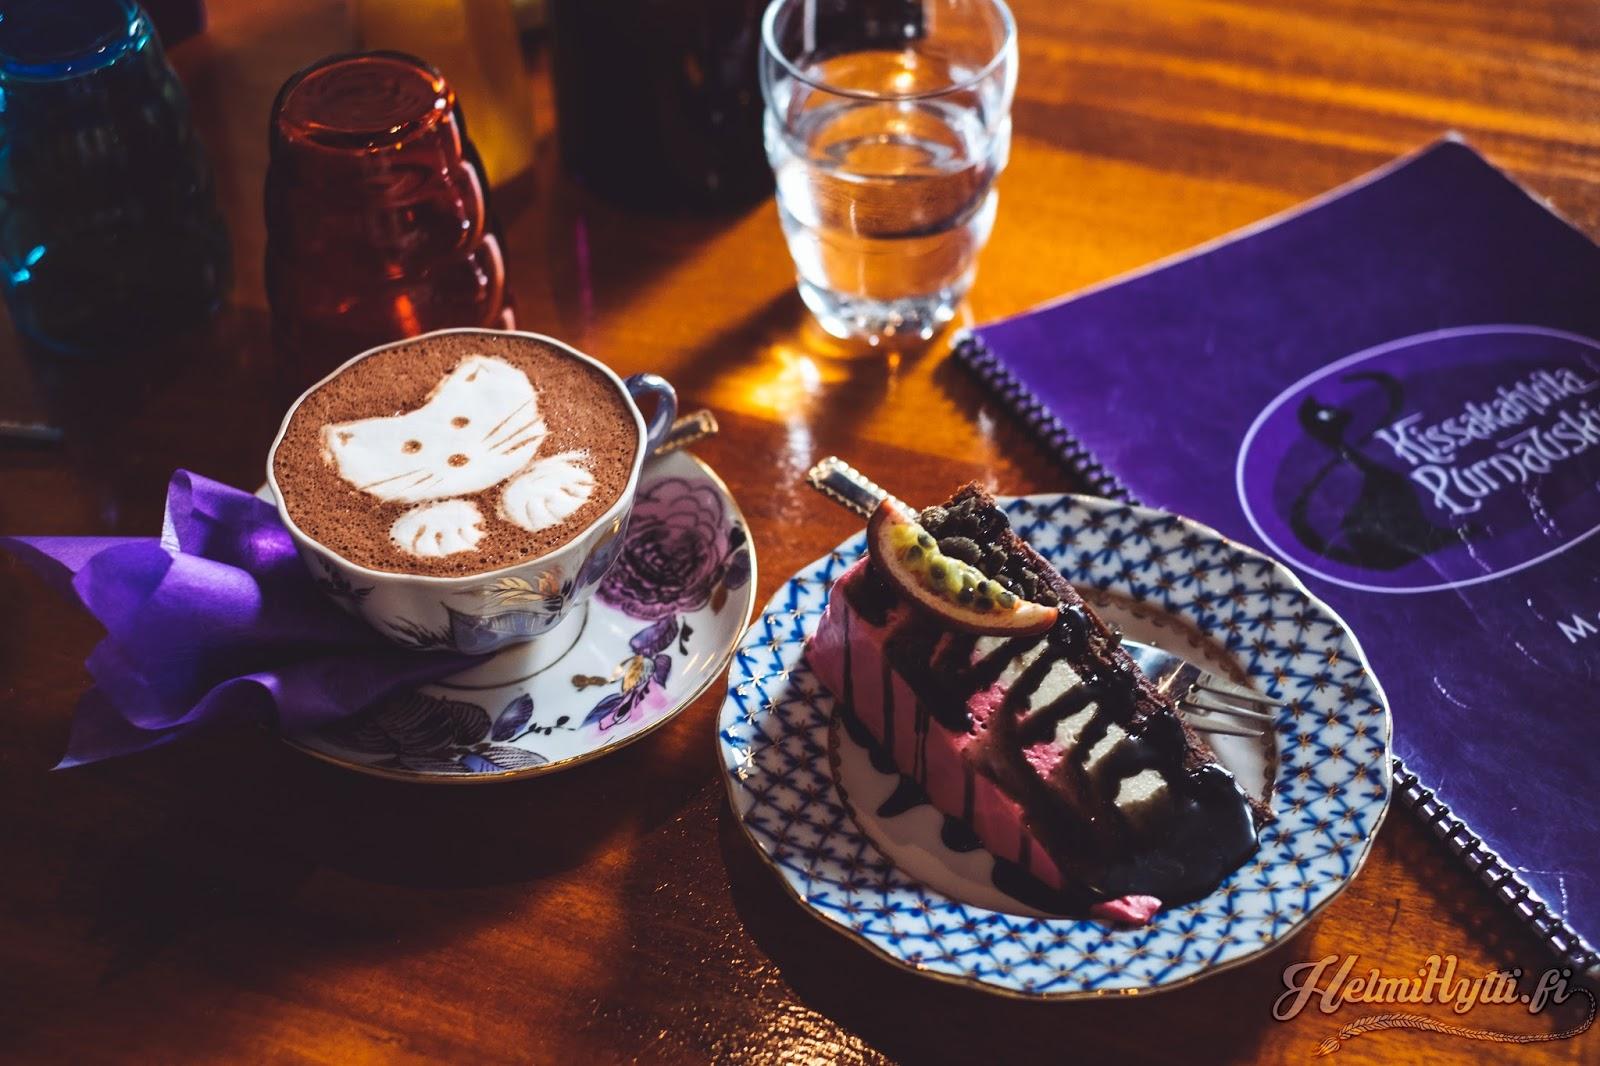 kahvila tampere kissakahvila purnauskis cat cafe